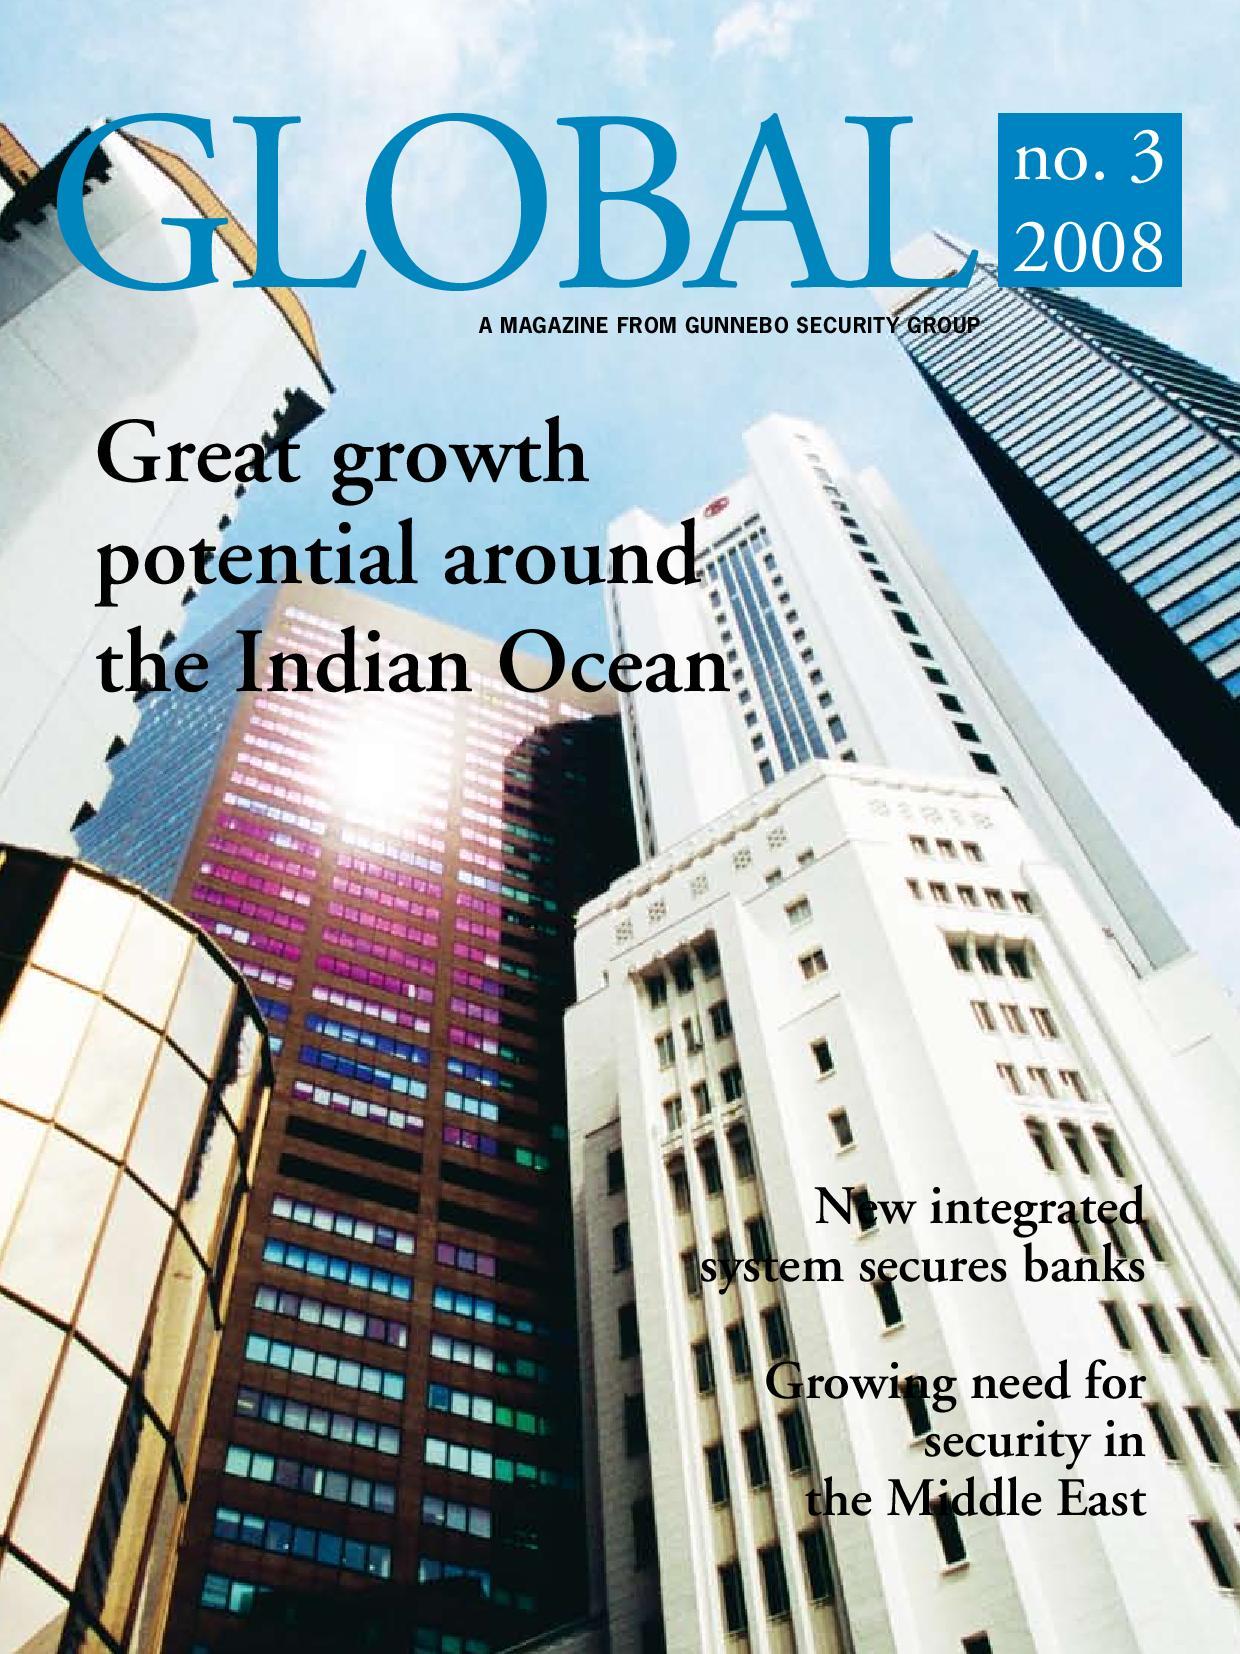 Global-2008-03-GB